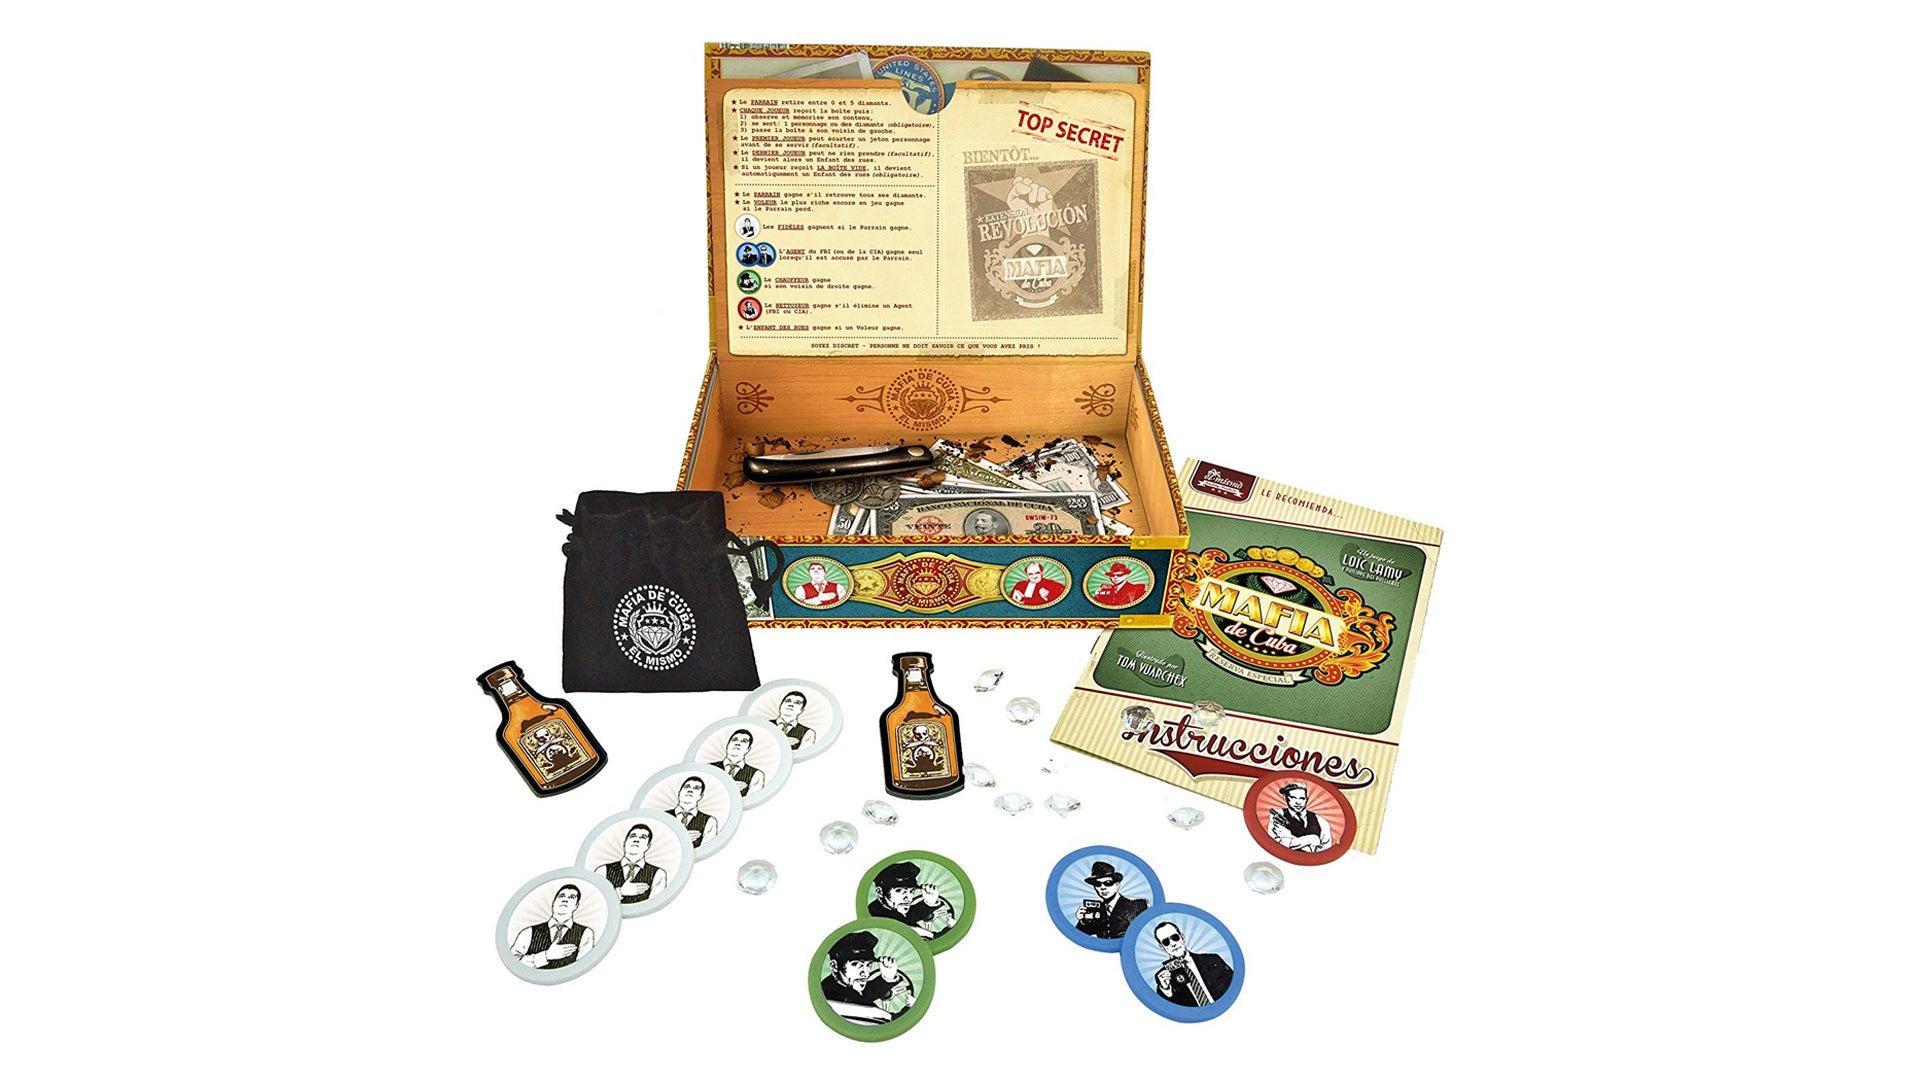 Mafia de Cuba party board game box and components